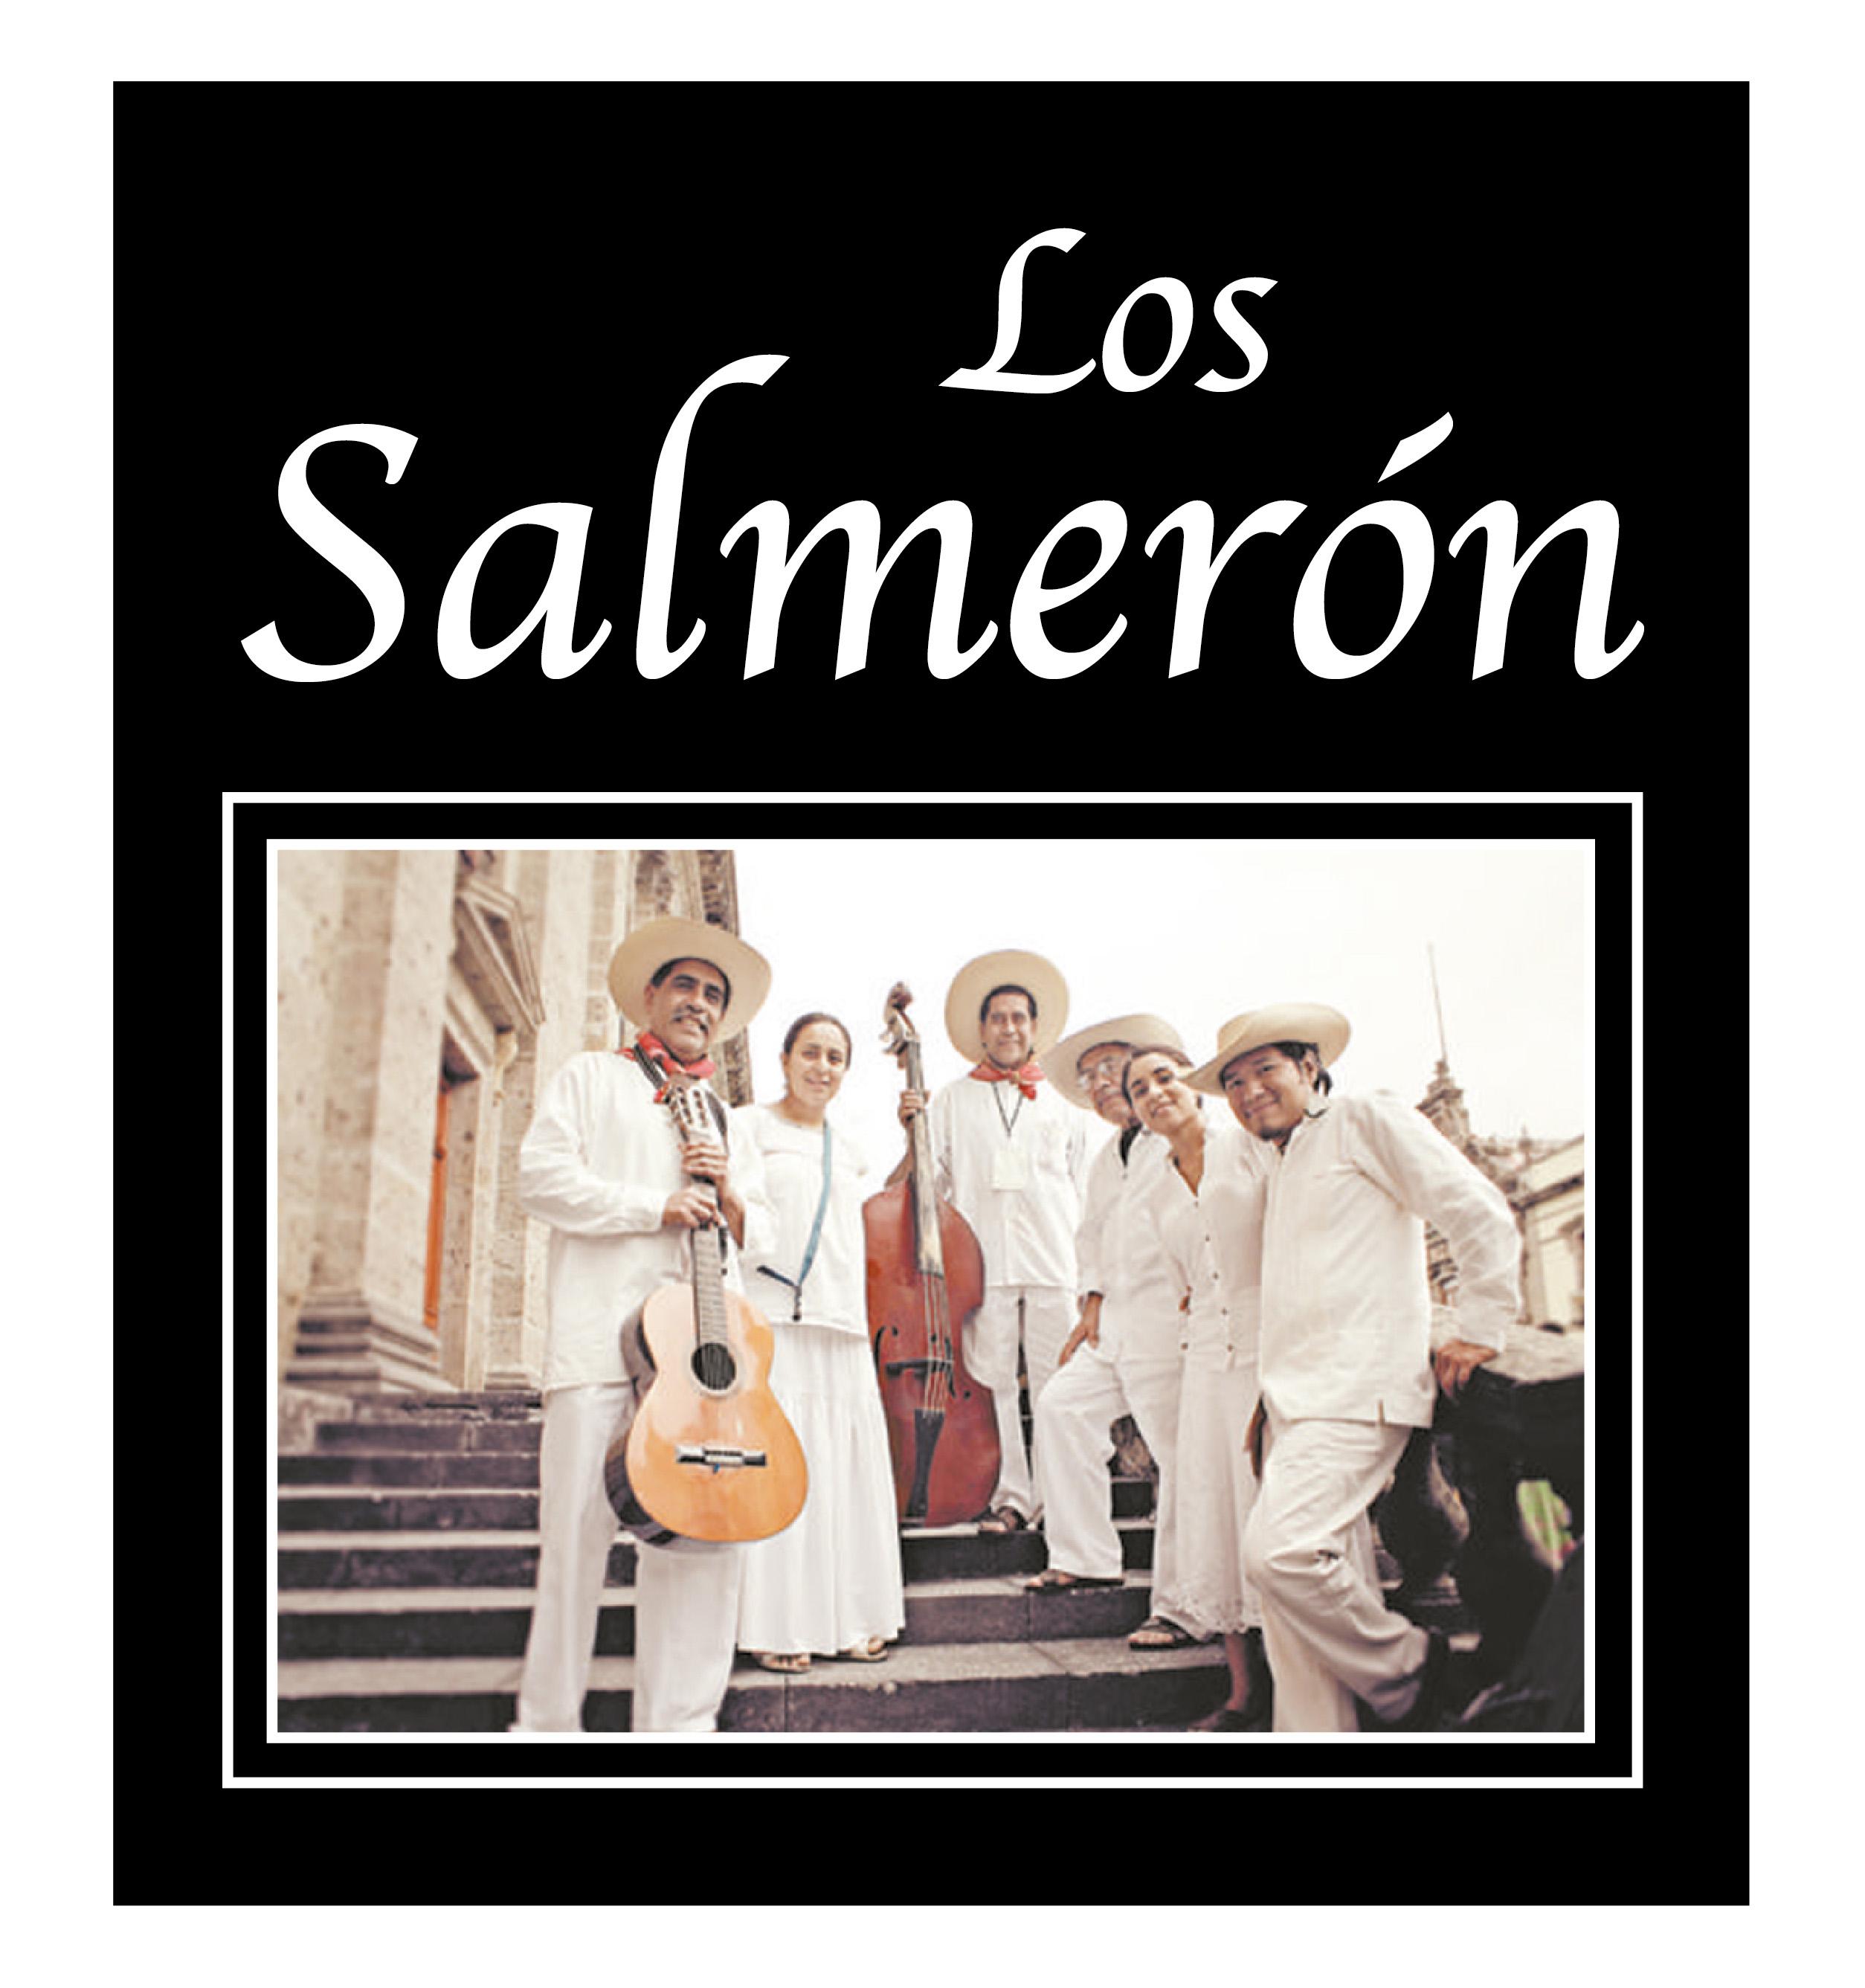 Los Salmerón